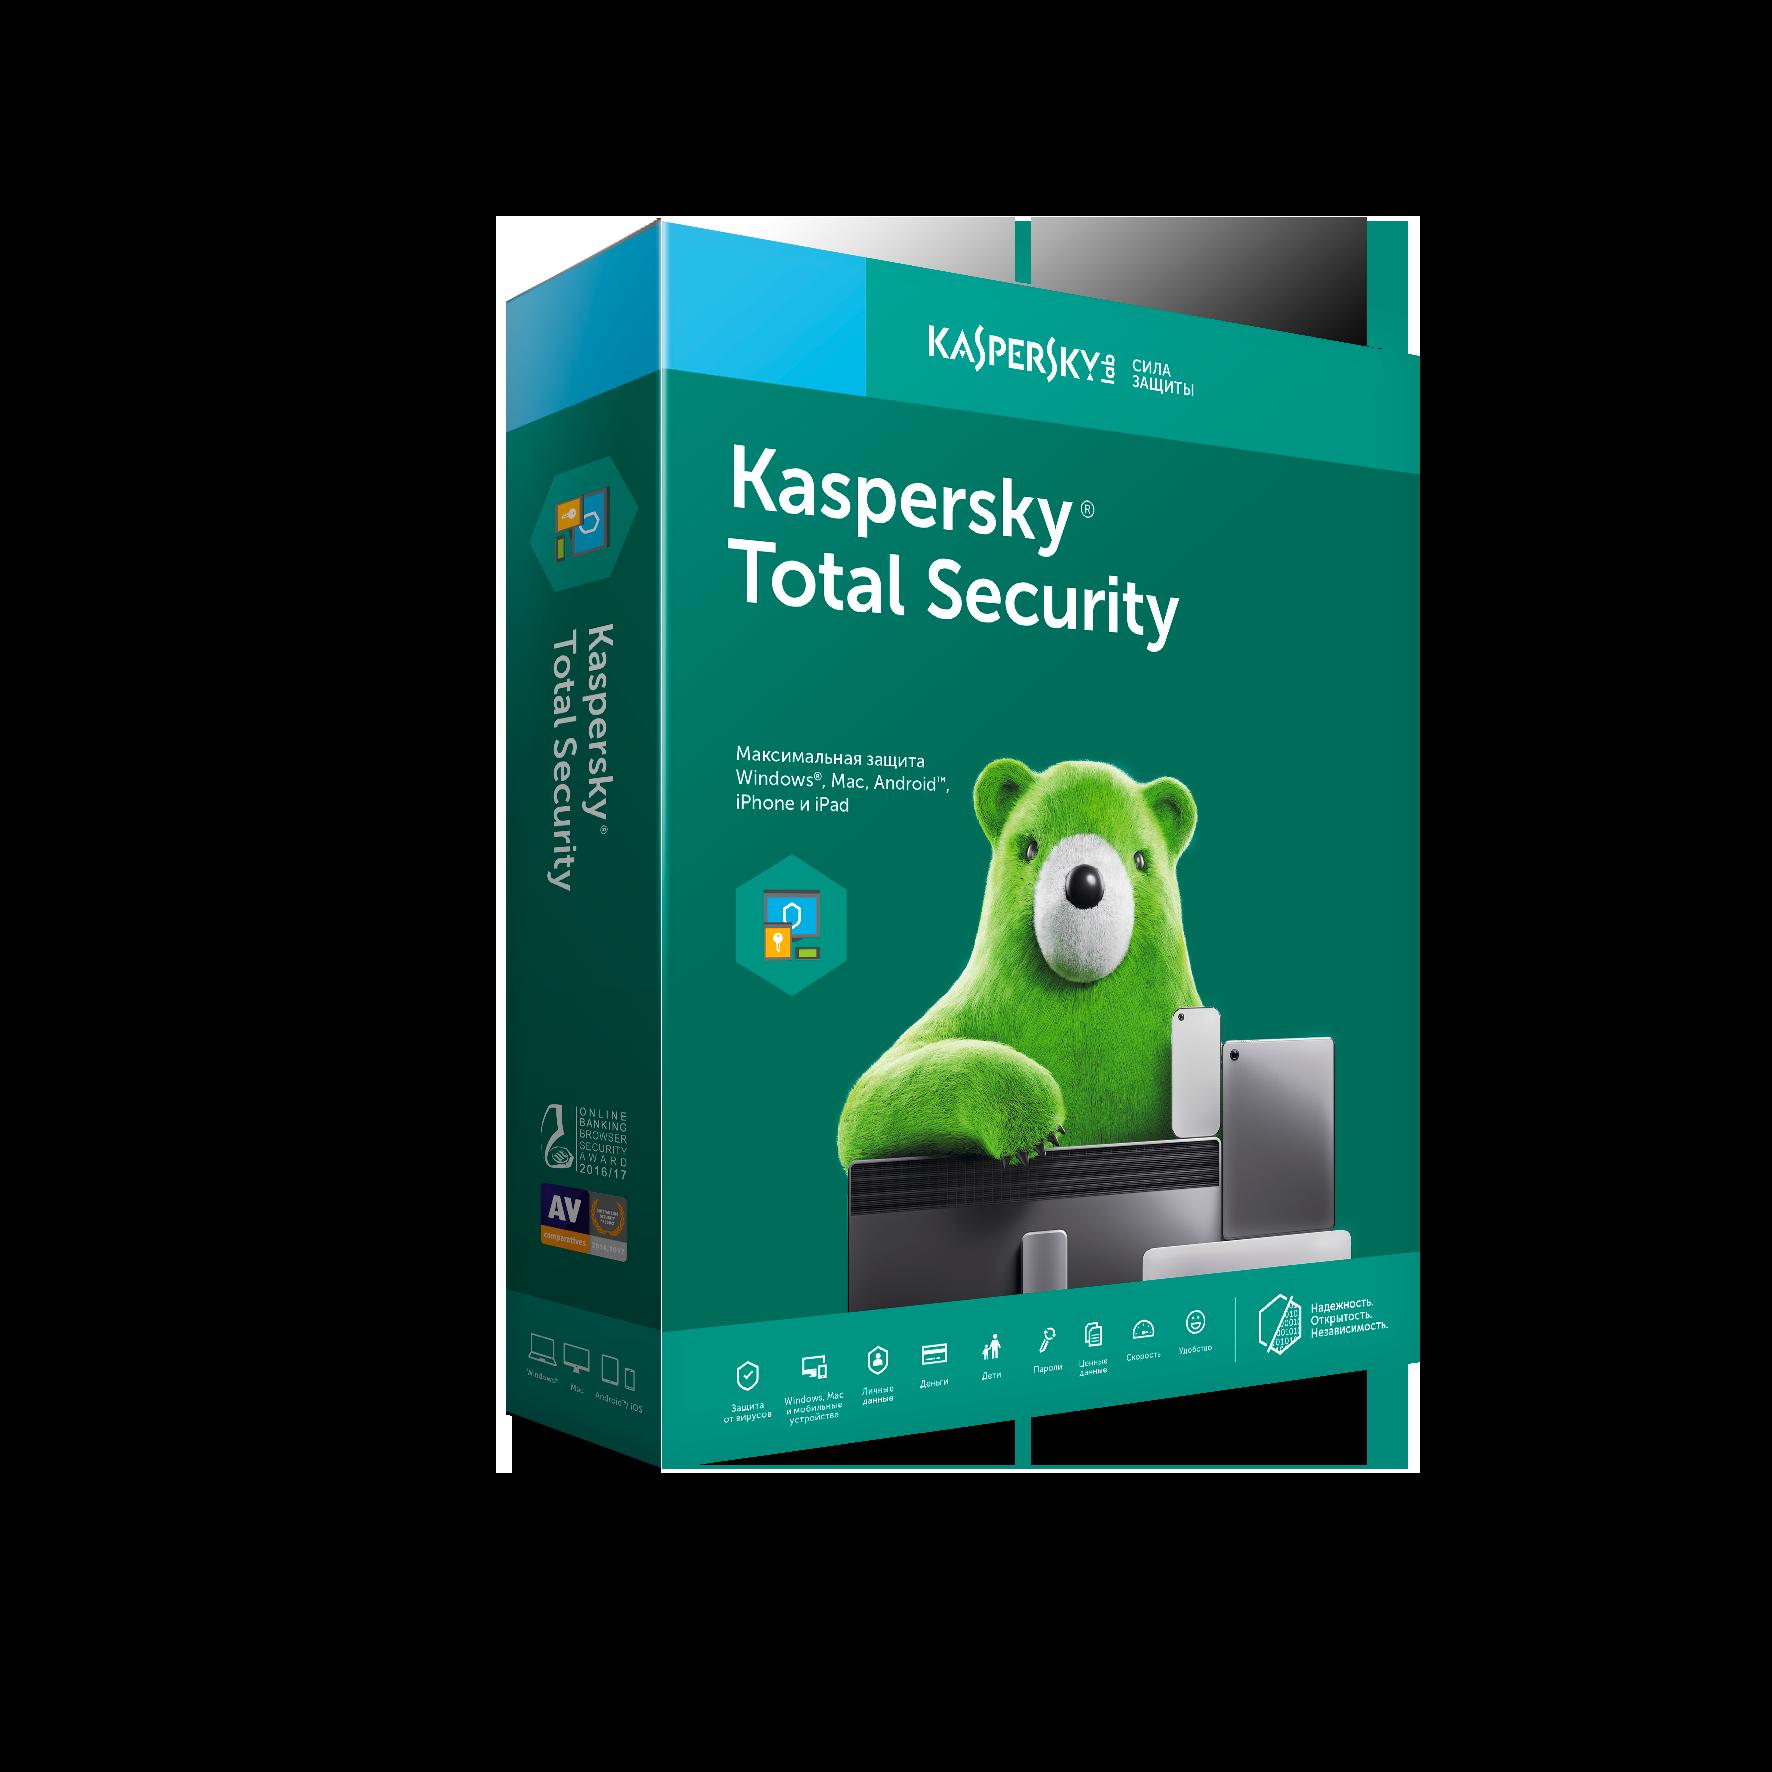 Купить Kaspersky Total Security: ПРОДЛЕНИЕ* на 2 устройства RU